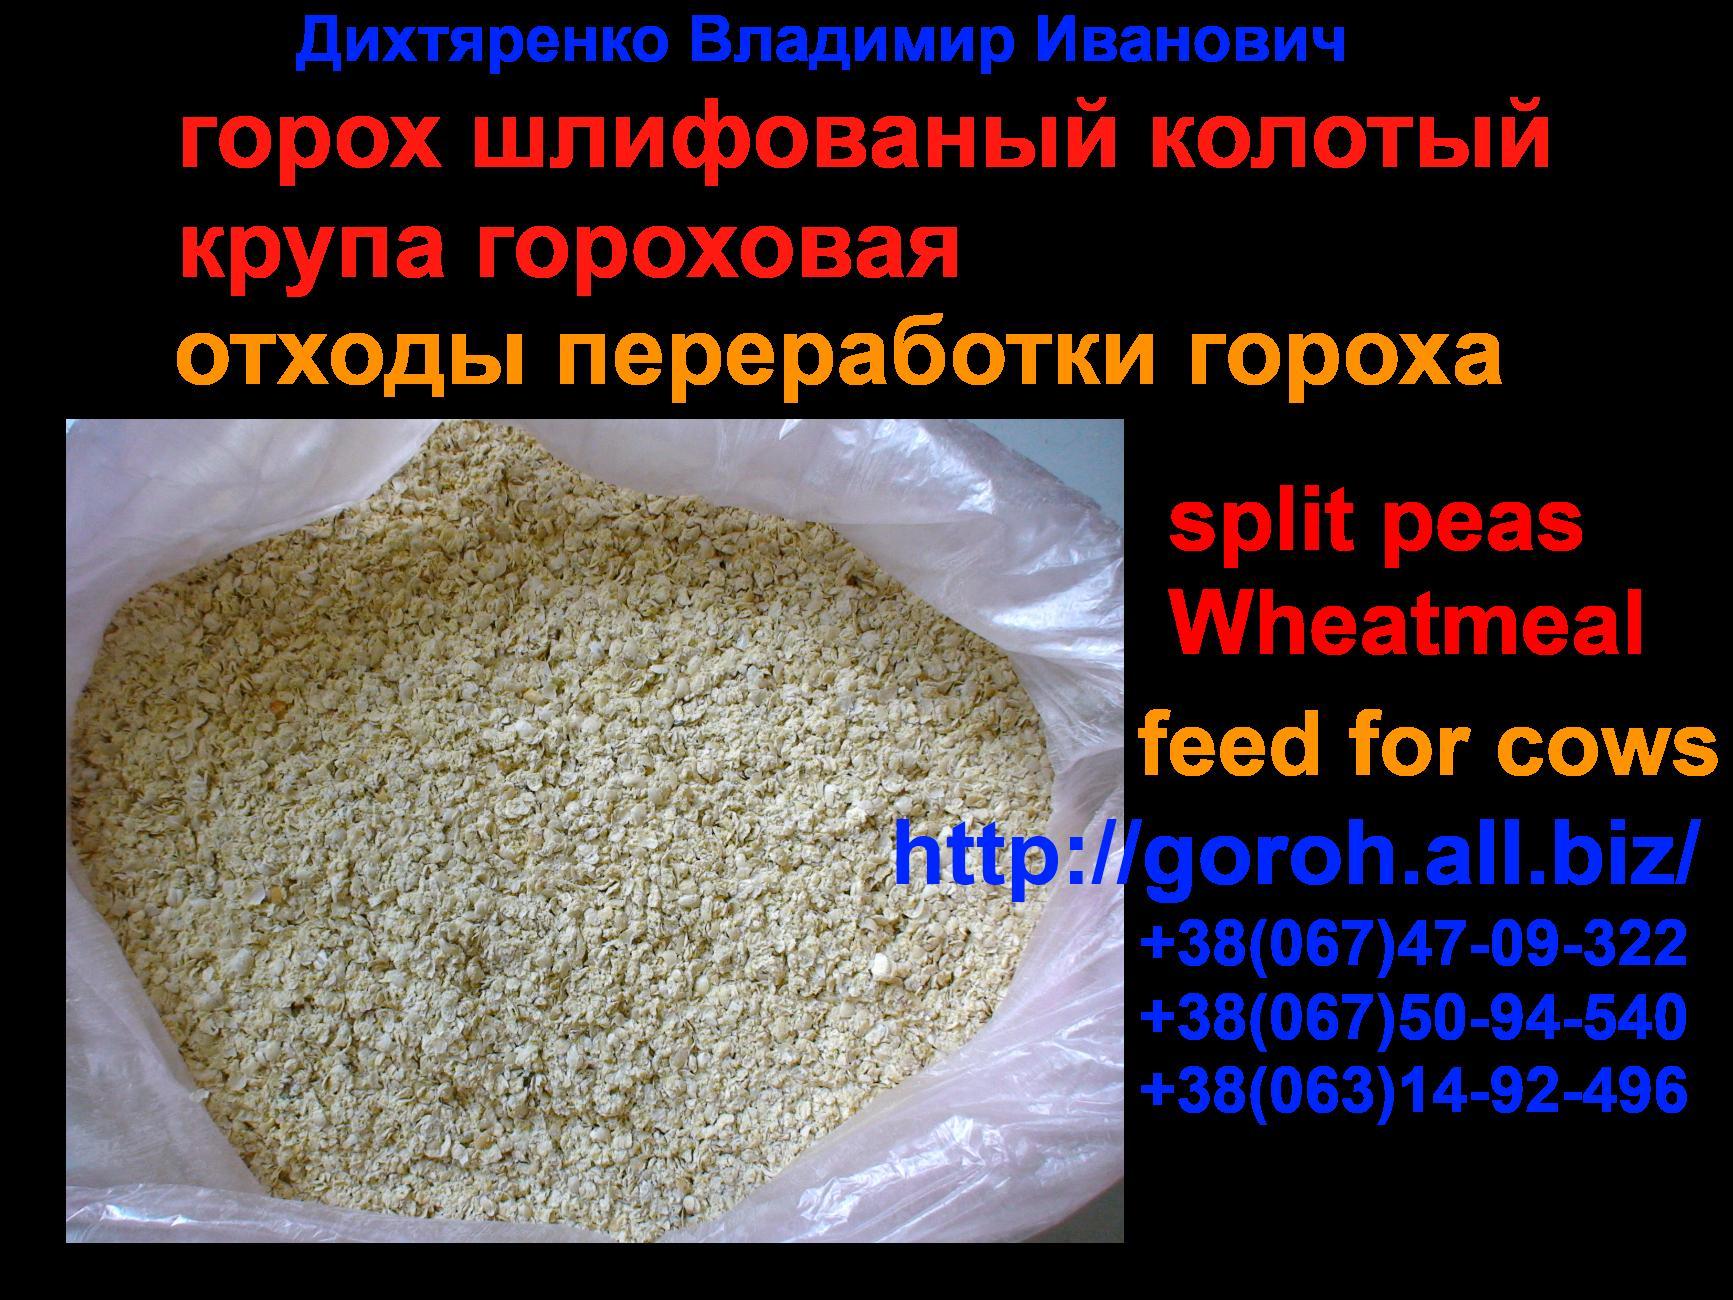 pererabotka_goroha_produkcziya_pererabotki_goroha_muka_gorohovaya_krupa_gorohovaya